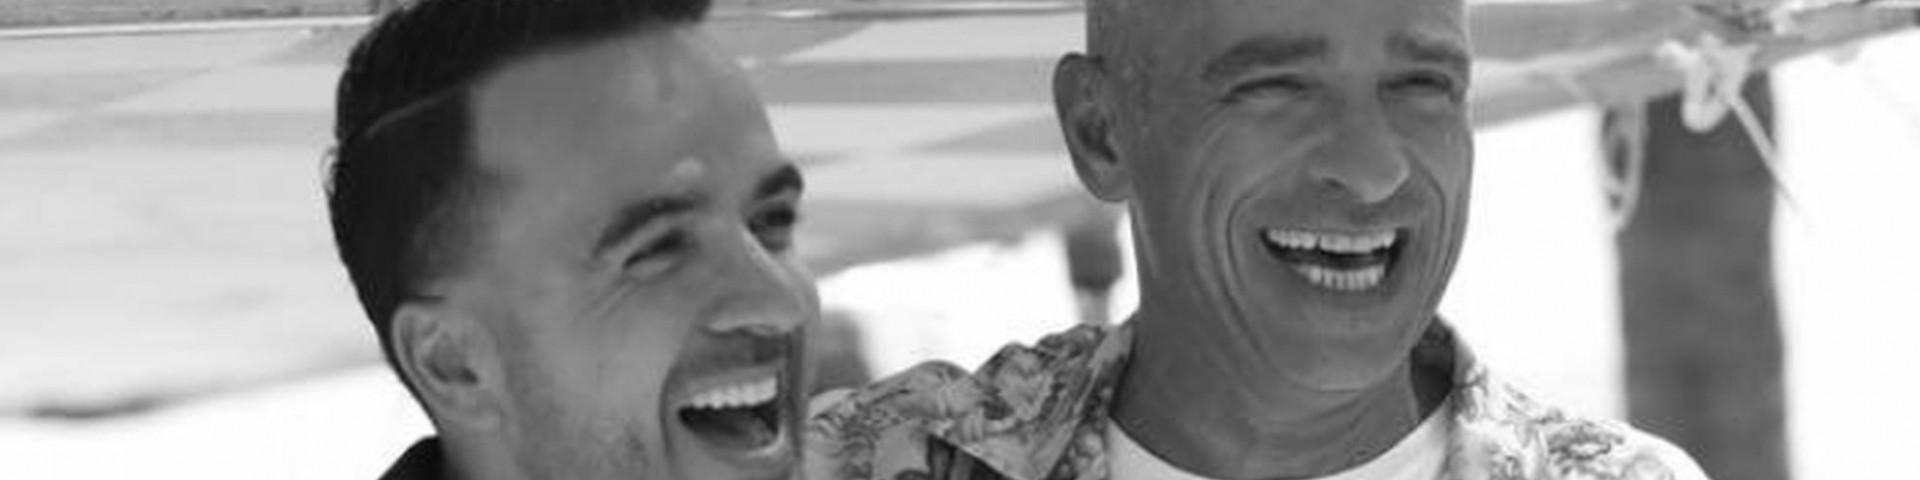 """Eros Ramazzotti duetta con Luis Fonsi, svelato il primo ospite di """"Vita ce n'è"""""""